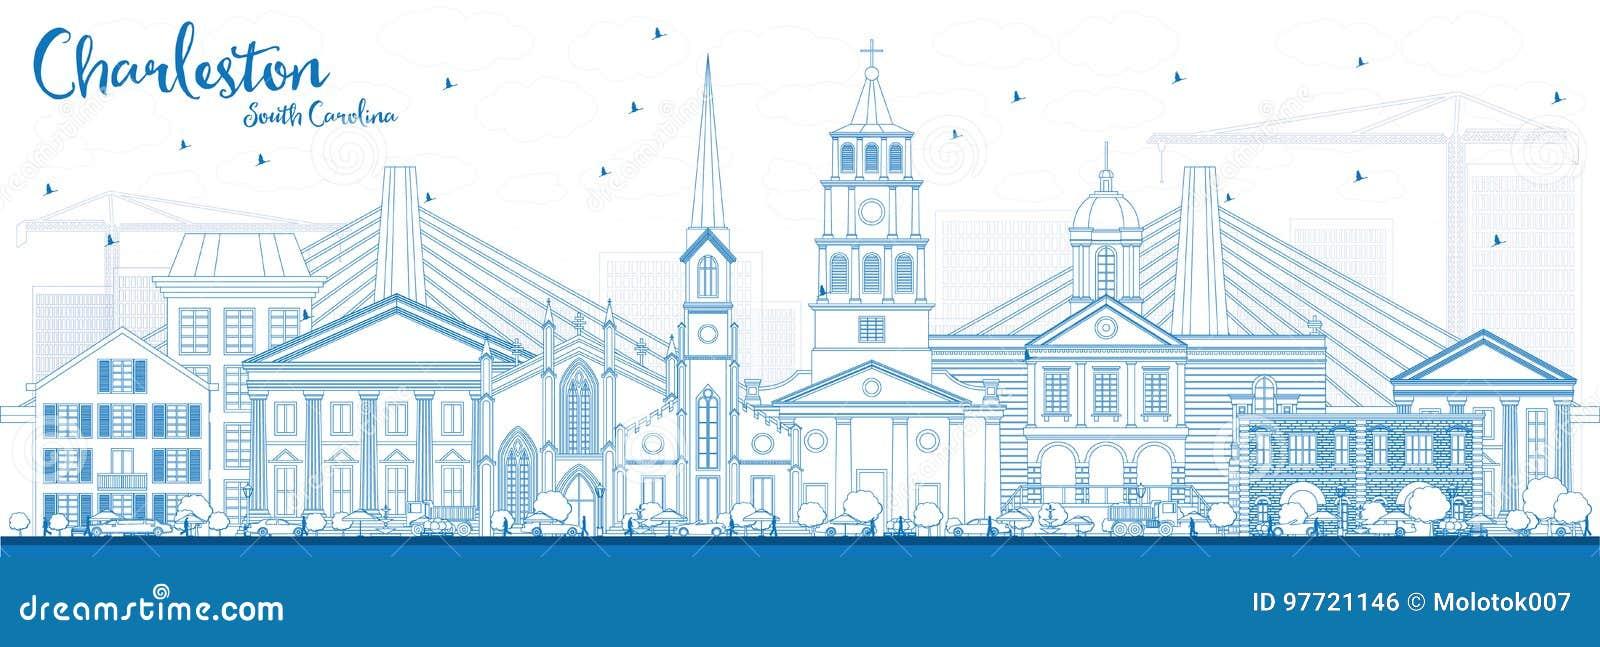 概述与蓝色大厦的查尔斯顿南卡罗来纳地平线